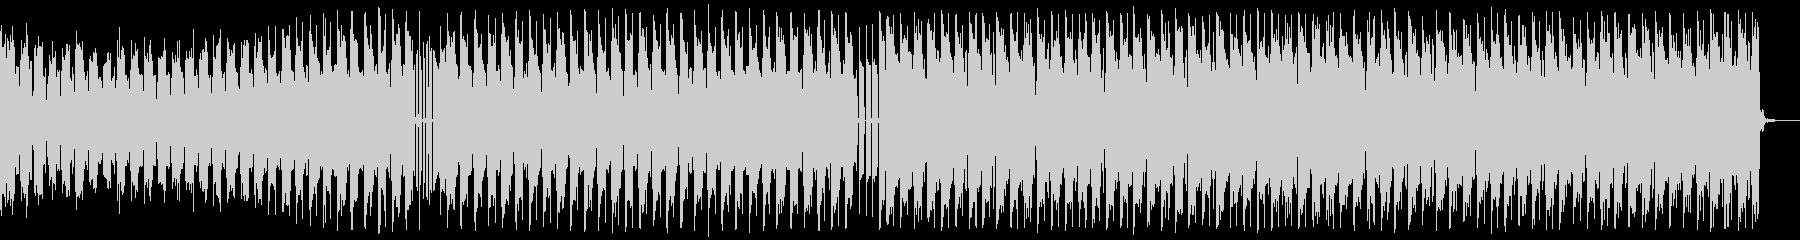 キラキラしたエレクトロ_No645_2の未再生の波形